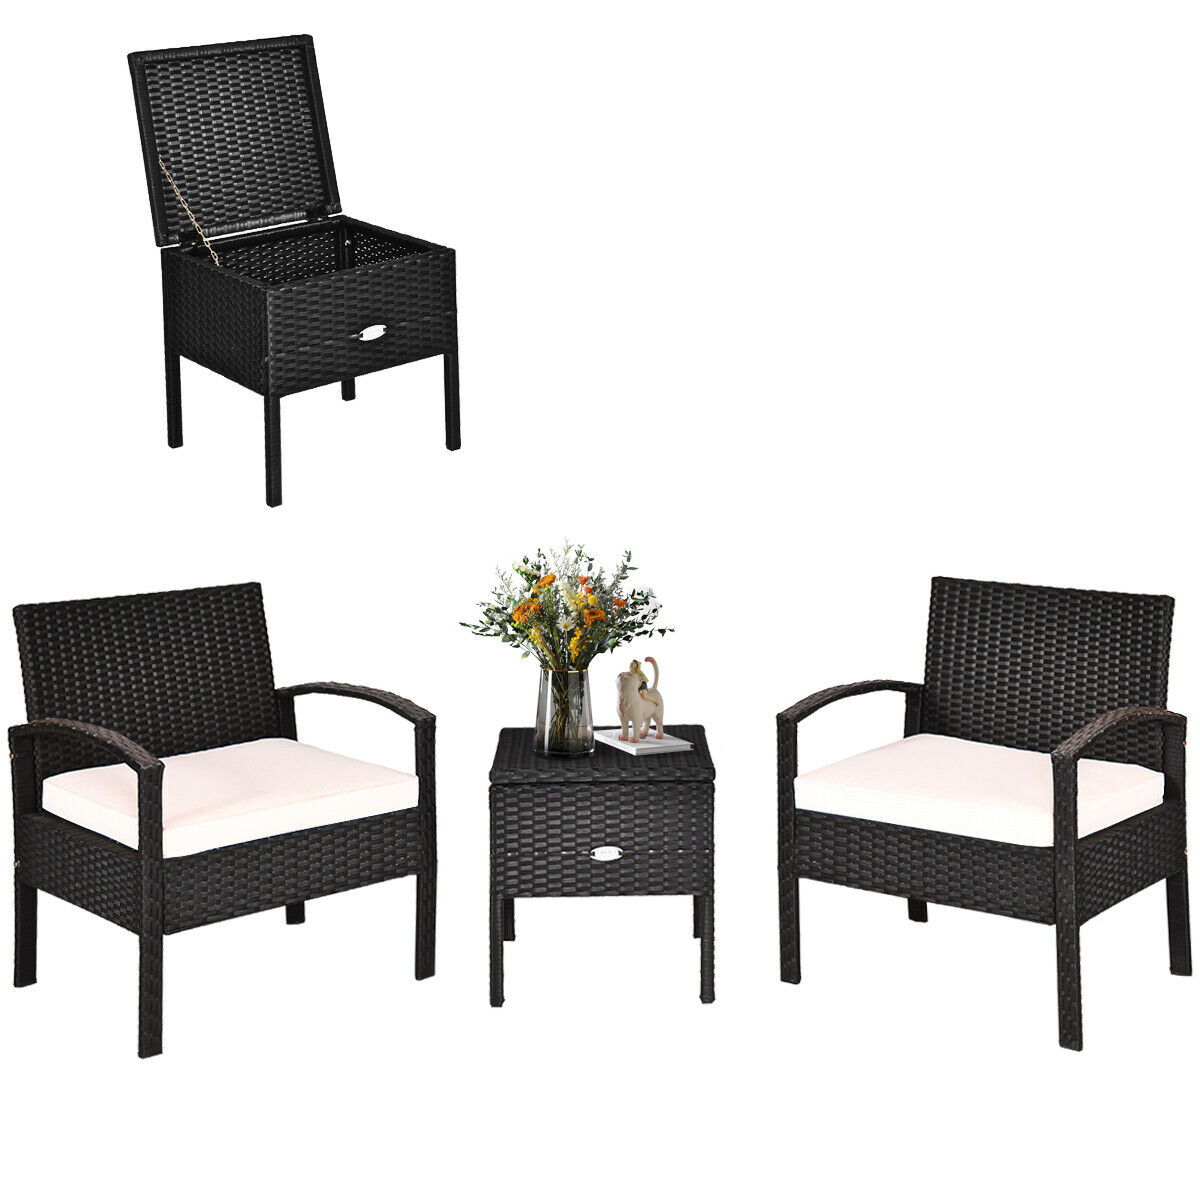 Комплект мебели из ротанга для патио Patiojoy, 3 шт., стол для хранения, мягкий диван, черный HW63757WH